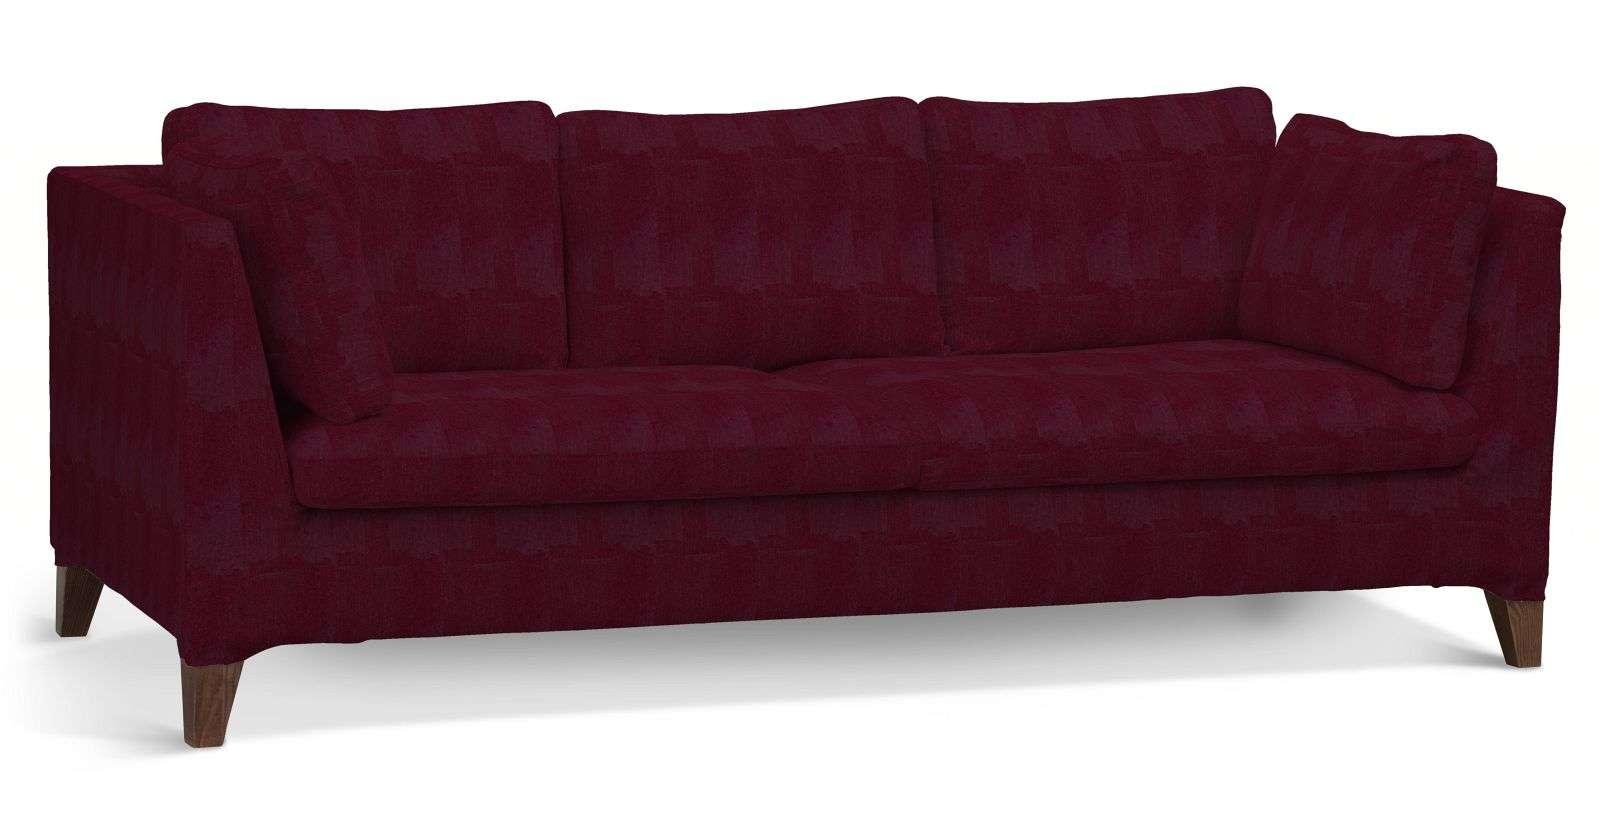 Pokrowiec na sofę Stockholm 3-osobową sofa Stockholm 3-osobowa w kolekcji Chenille, tkanina: 702-19